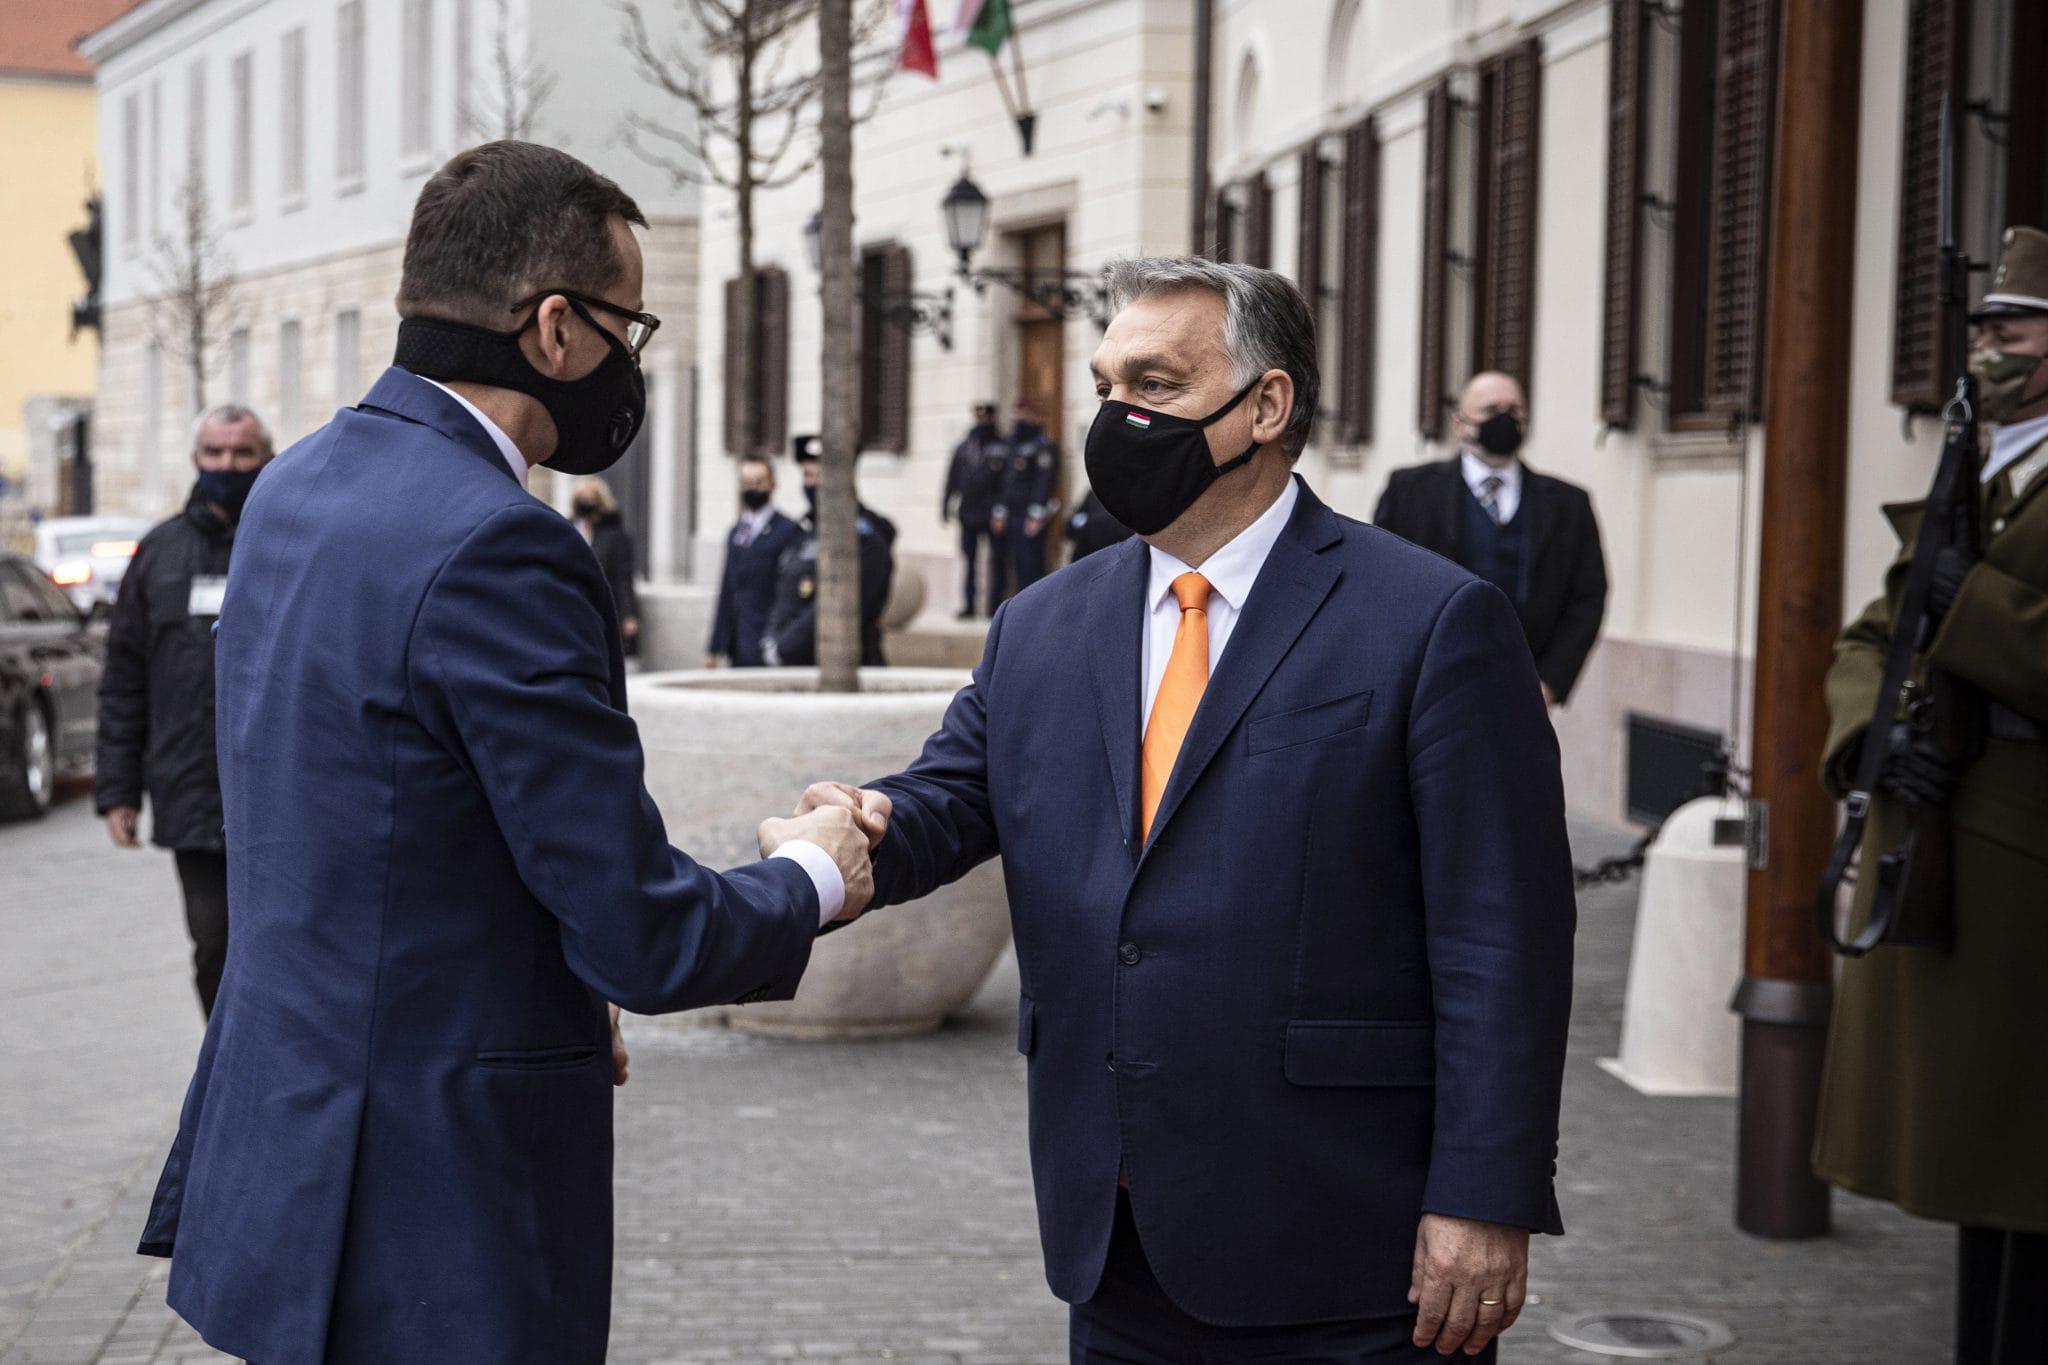 Прем'єри Польщі і Угорщини пригрозили ЄС розпадом через механізм верховенства права